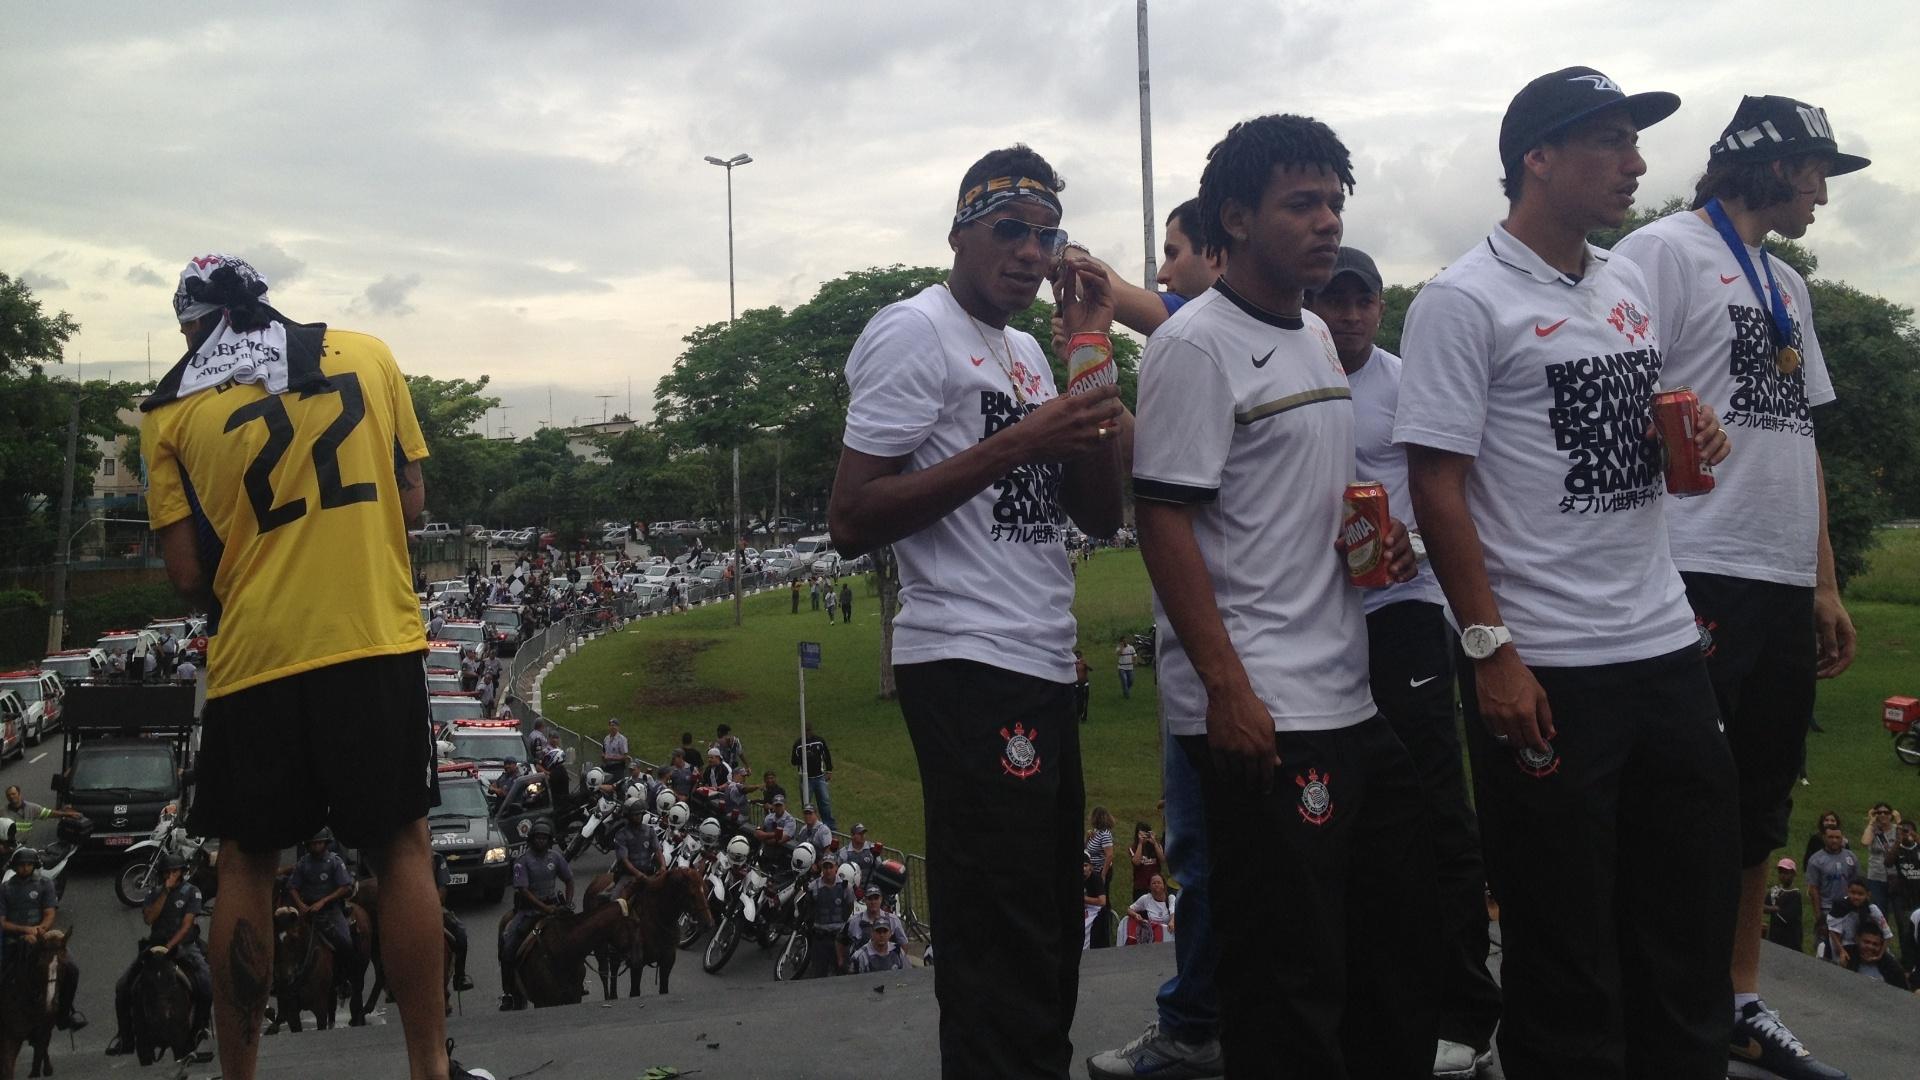 15.dez.2012- Jogadores do Corinthians observam multidão ao redor de trio elétrico em festa do Bicampeonato Mundial